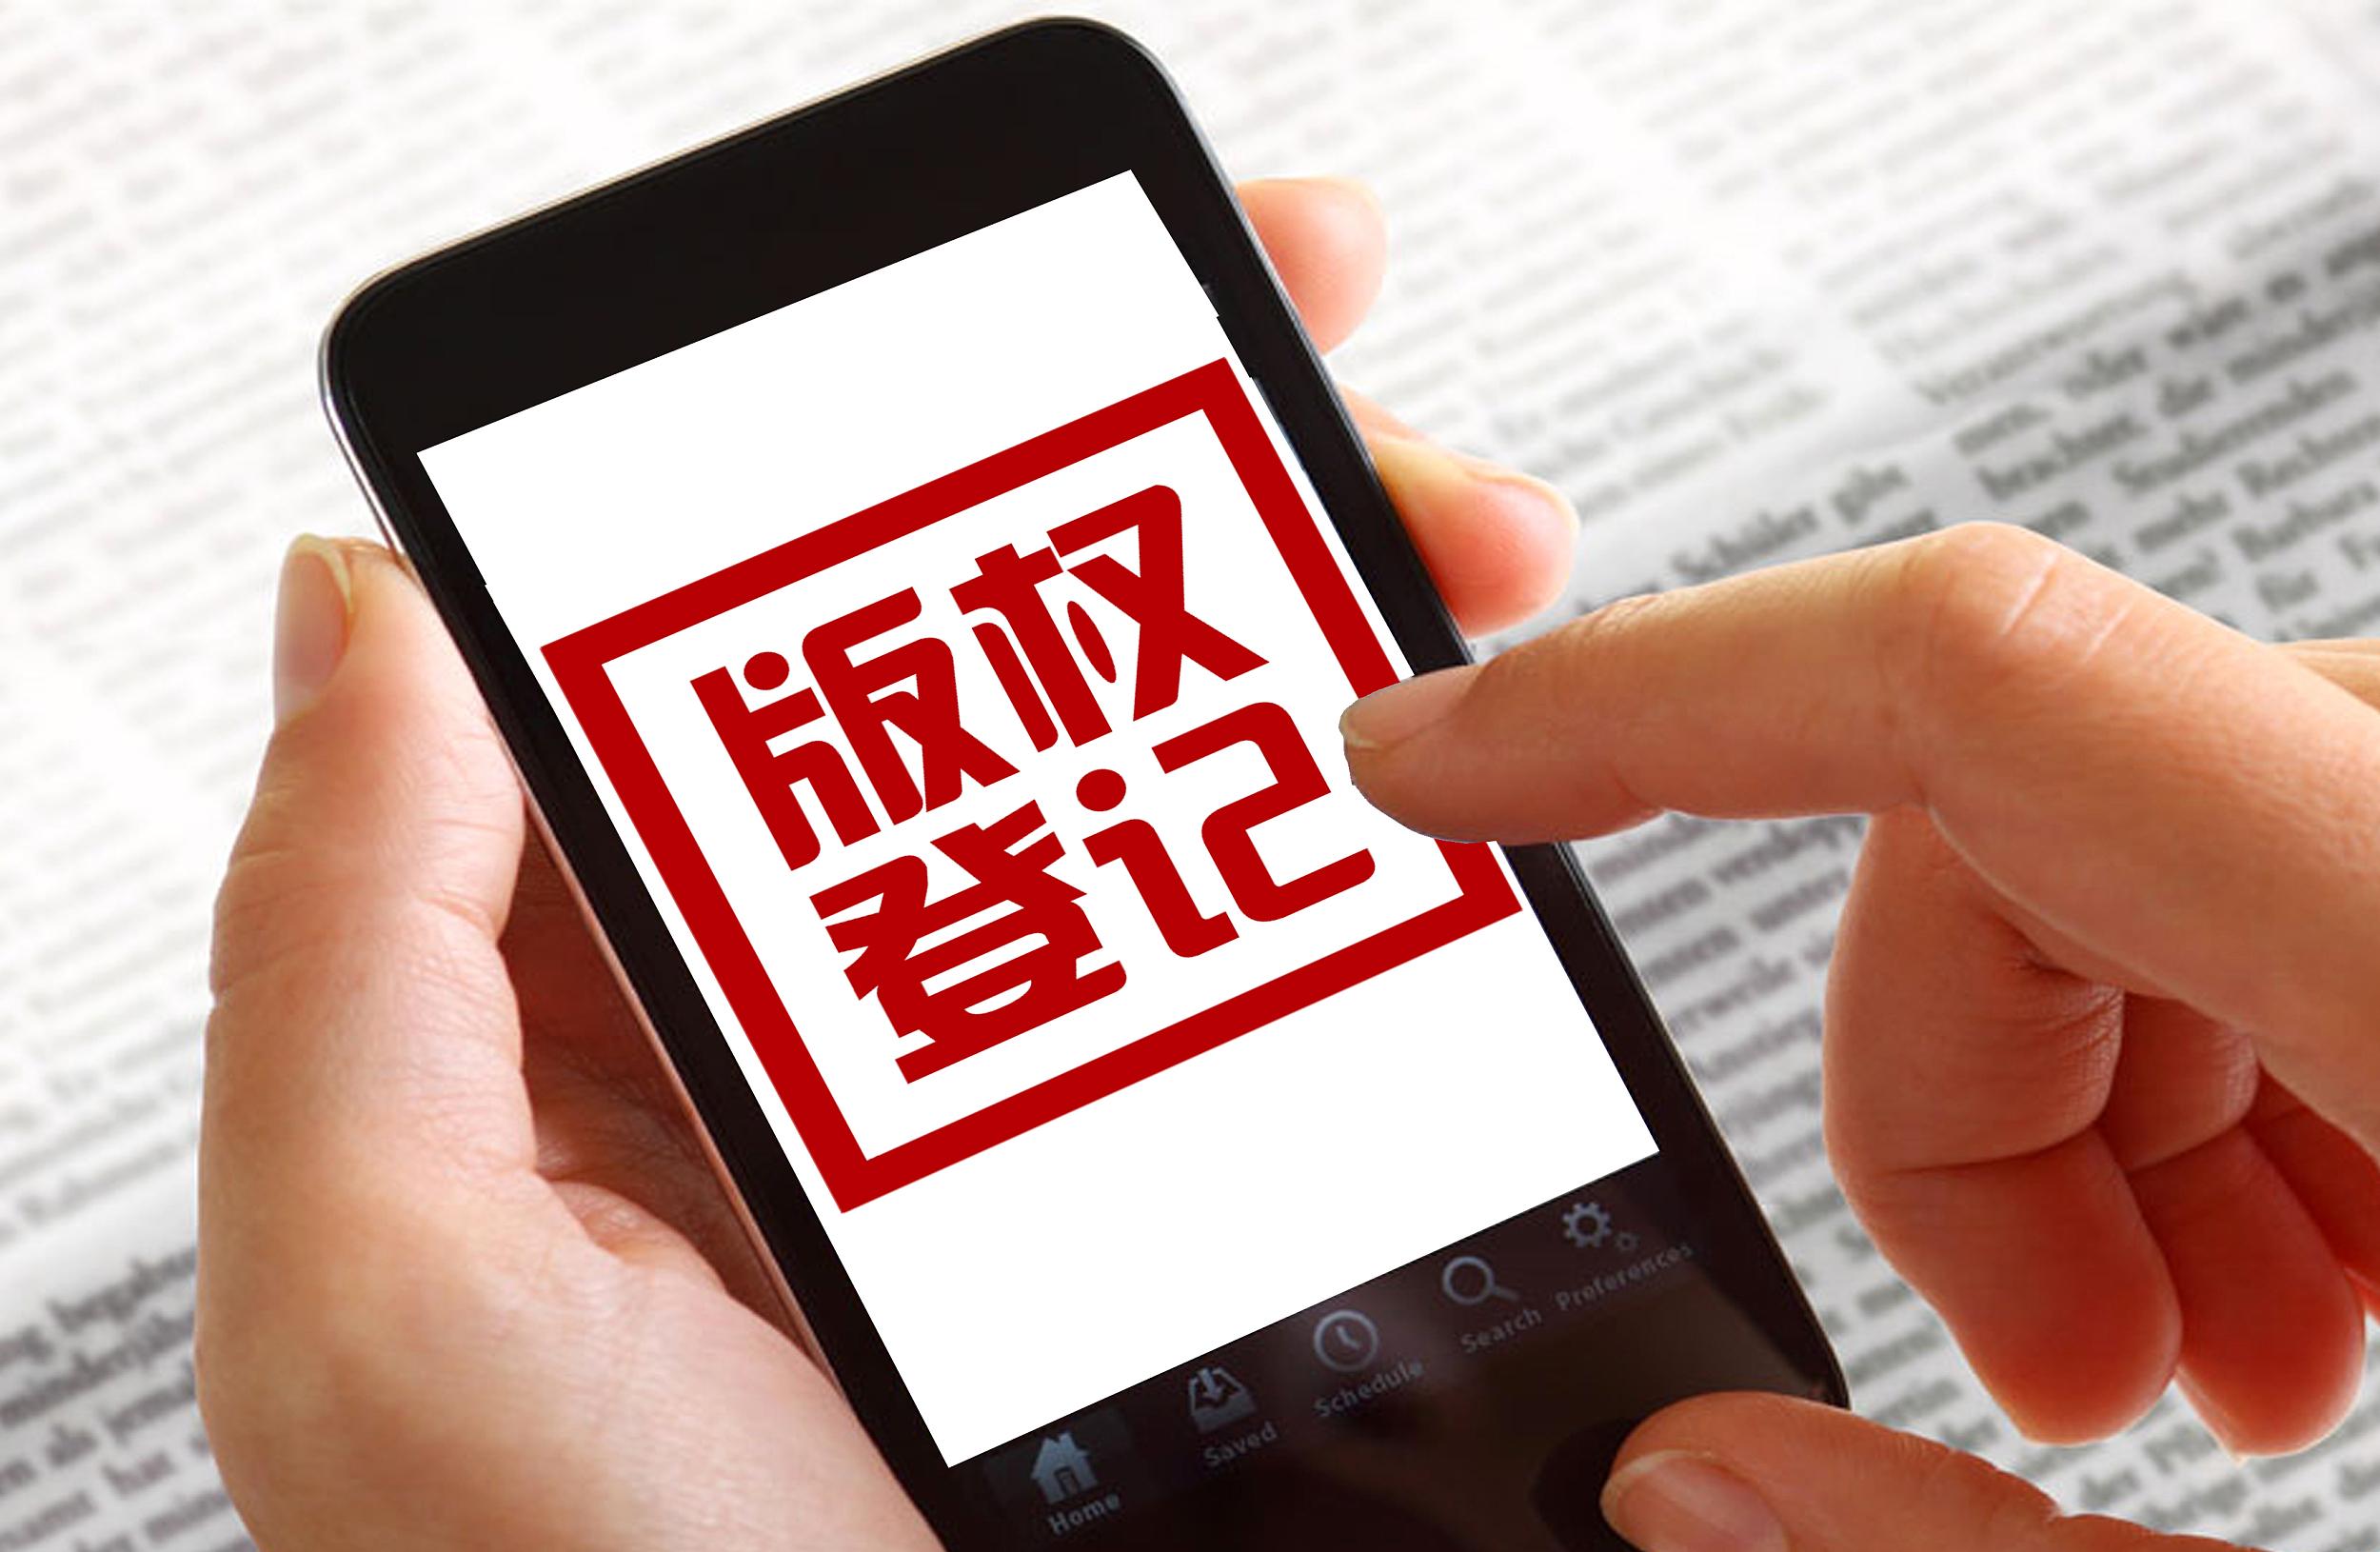 潍坊市加强版权登记平台建设 今年前7个月比去年全年登记量增长50%